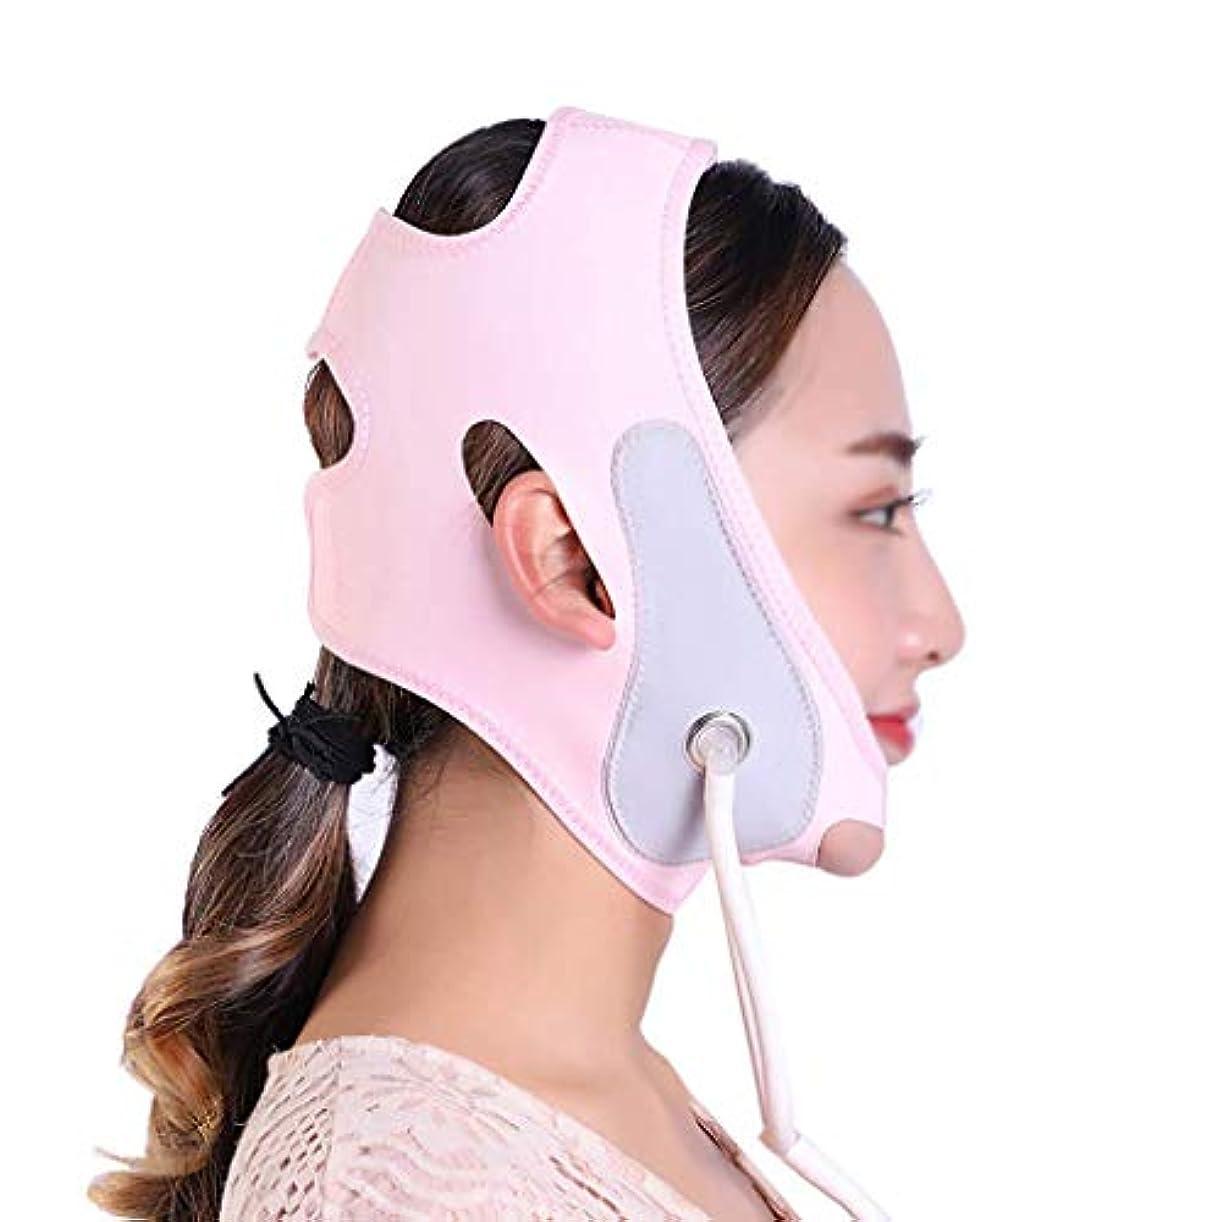 くぼみ宣言移動顔と首のリフト後伸縮性スリーブシンフェイスマスク引き締め肌の改善マッサージリフティング収縮シンフェイス弾性包帯Vフェイスアーティファクト